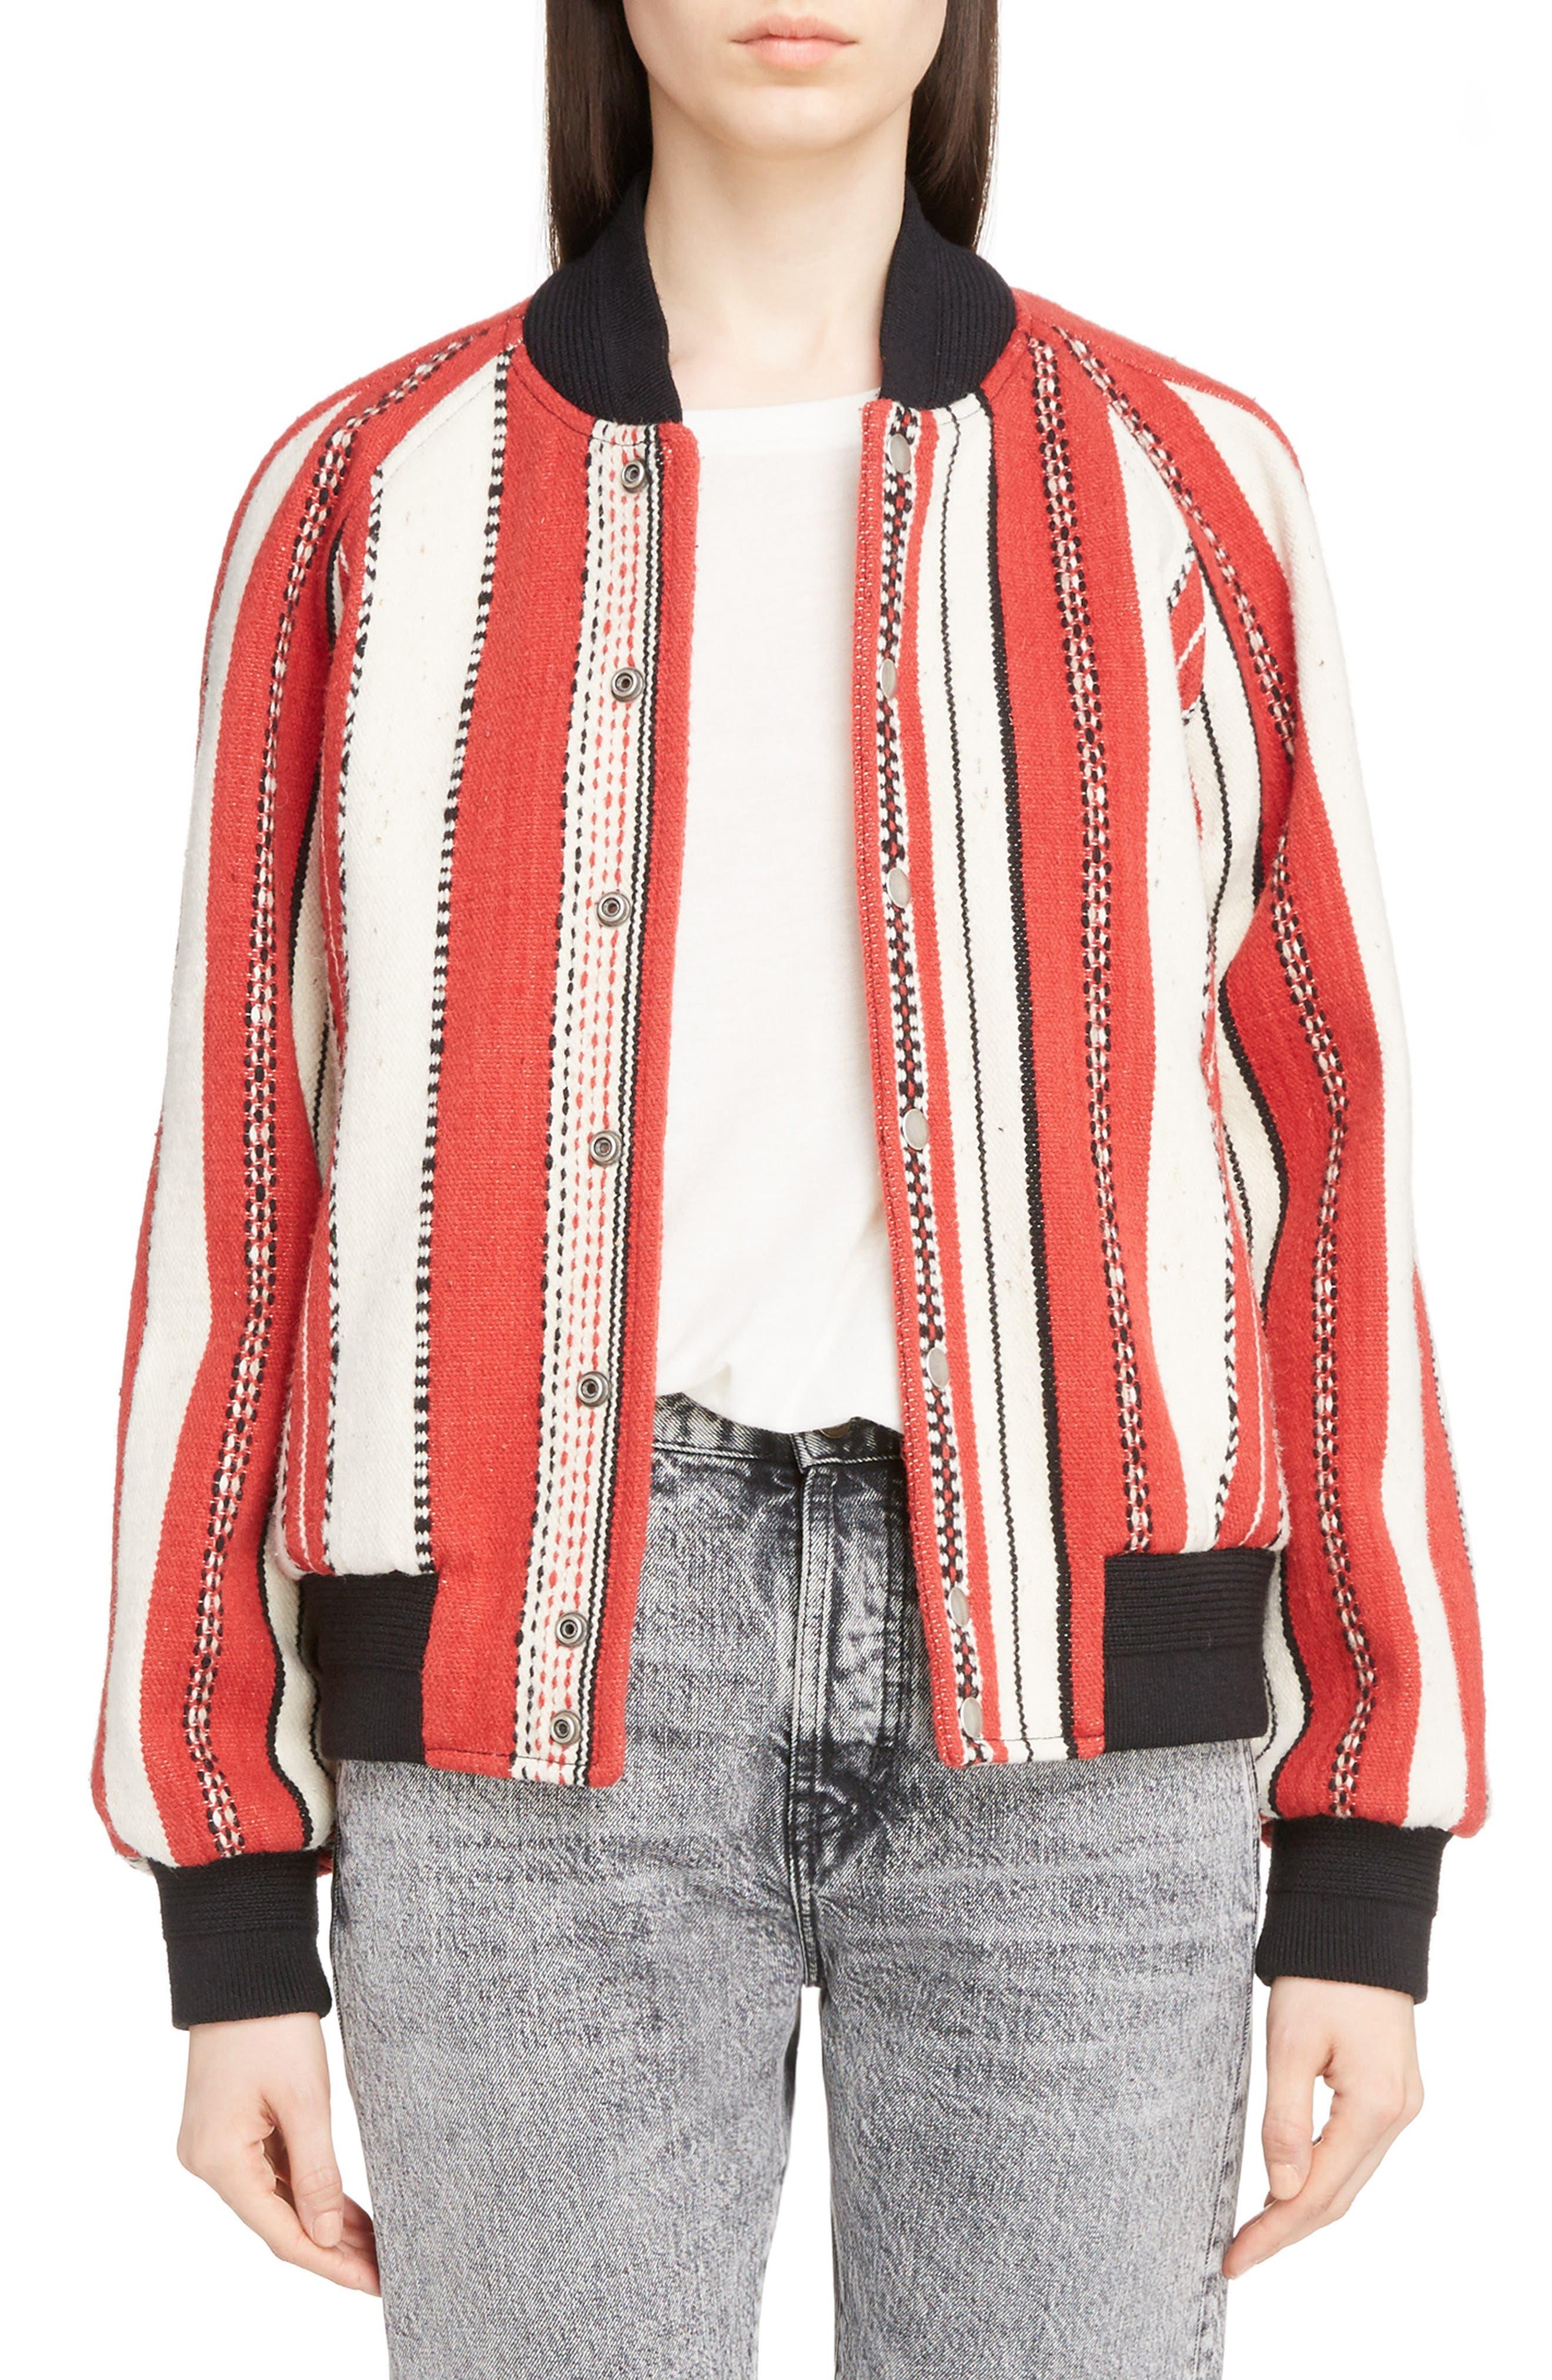 Tapestry Wool Blend Teddy Jacket,                         Main,                         color, Rouge Craie Noir